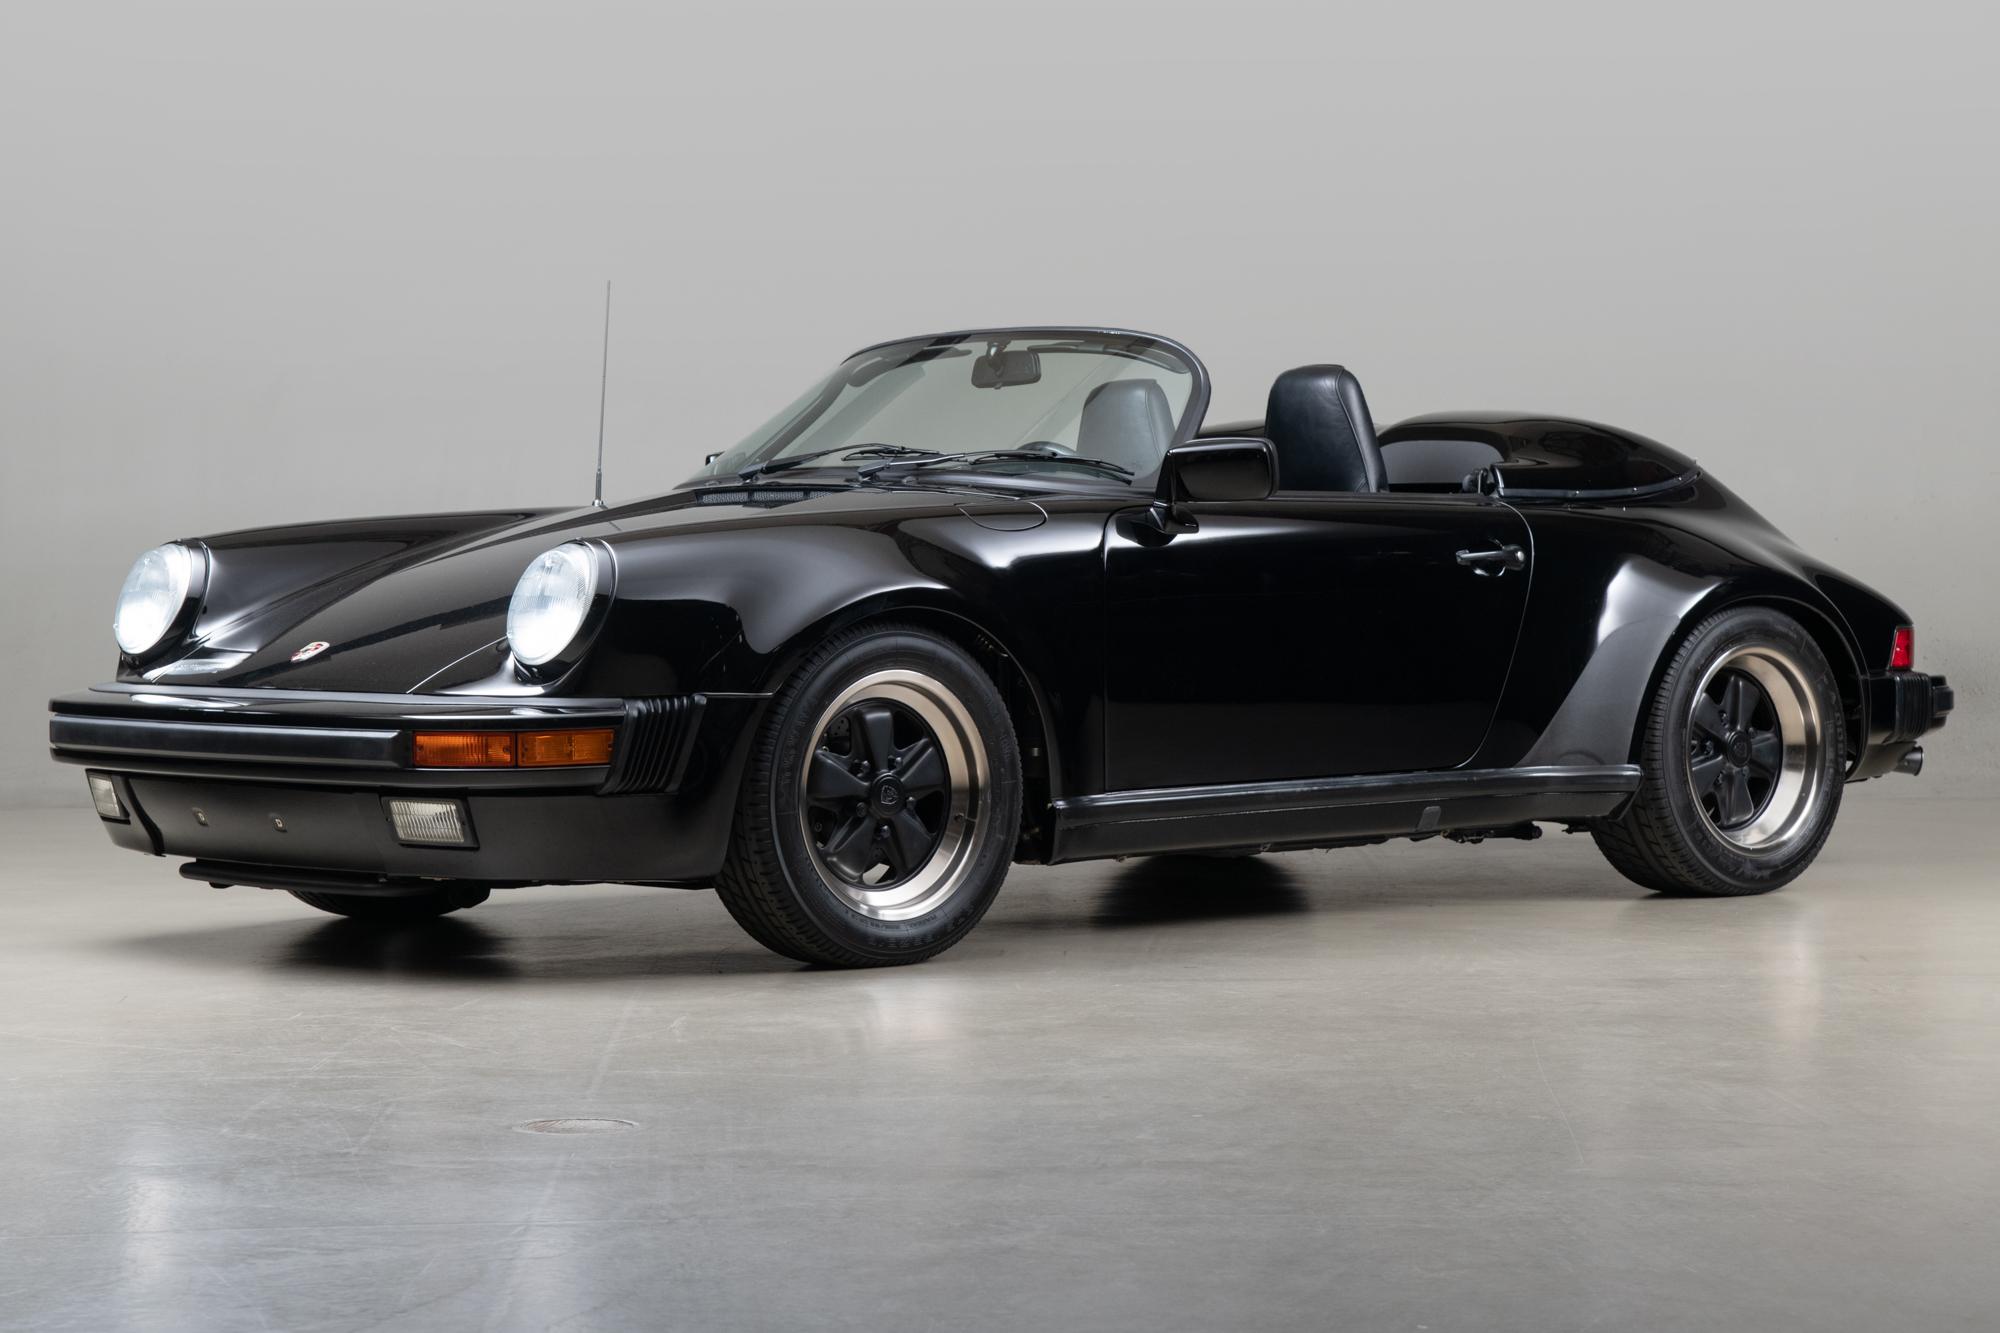 1989 Porsche Speedster , BLACK, VIN WP0EB0913KS173806, MILEAGE 13122